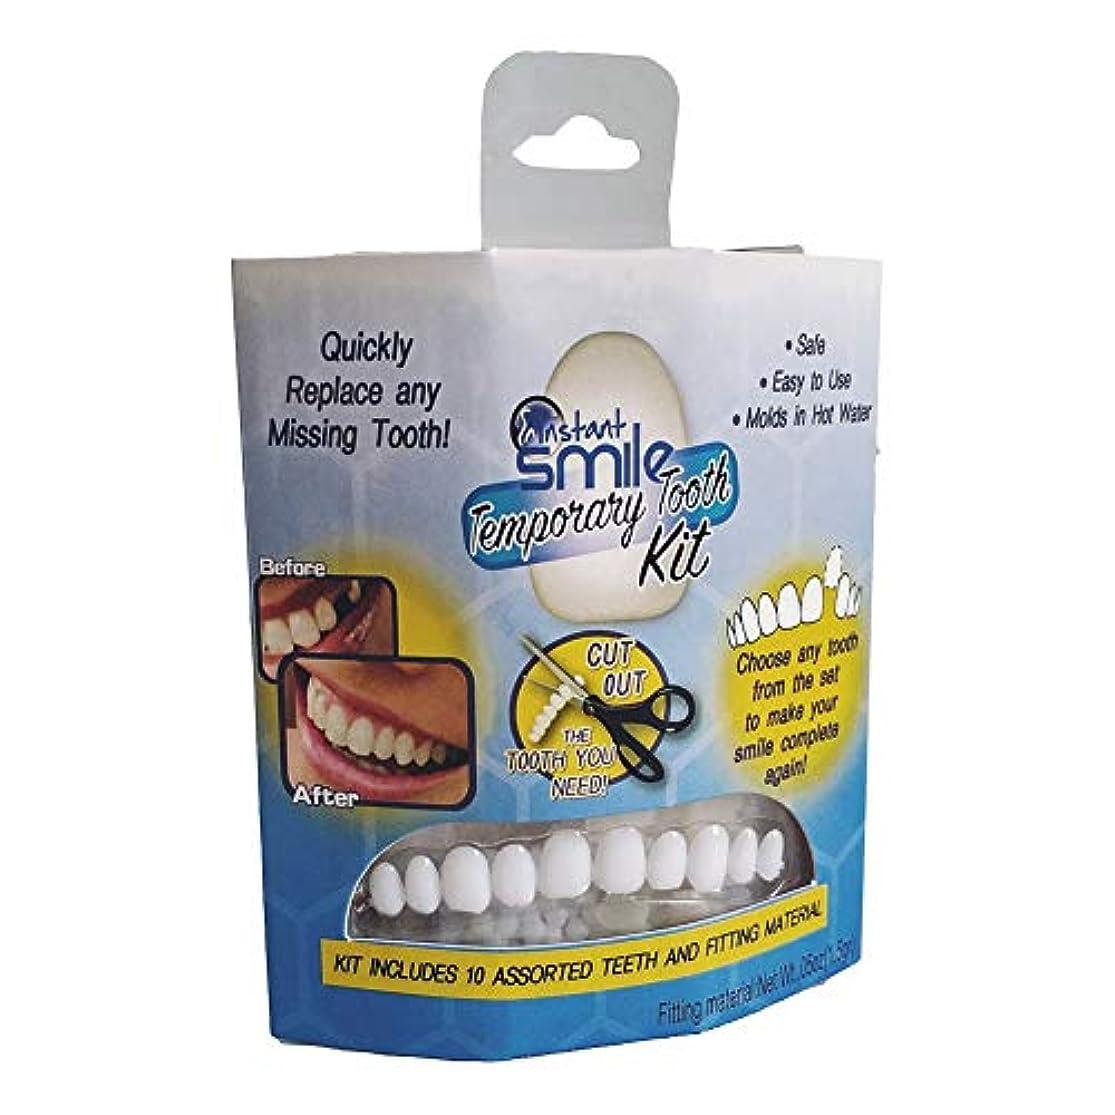 実行可能露骨なハンディLITI 歯のソケット 美容義歯 入れ歯 歯のカバー テンポラリートゥースキット シリコーンのシミュレーションの歯科用義歯を白くする上下の歯の模擬装具 歯ホワイトニング 義歯貼り付け偽歯アッパー化粧品突き板